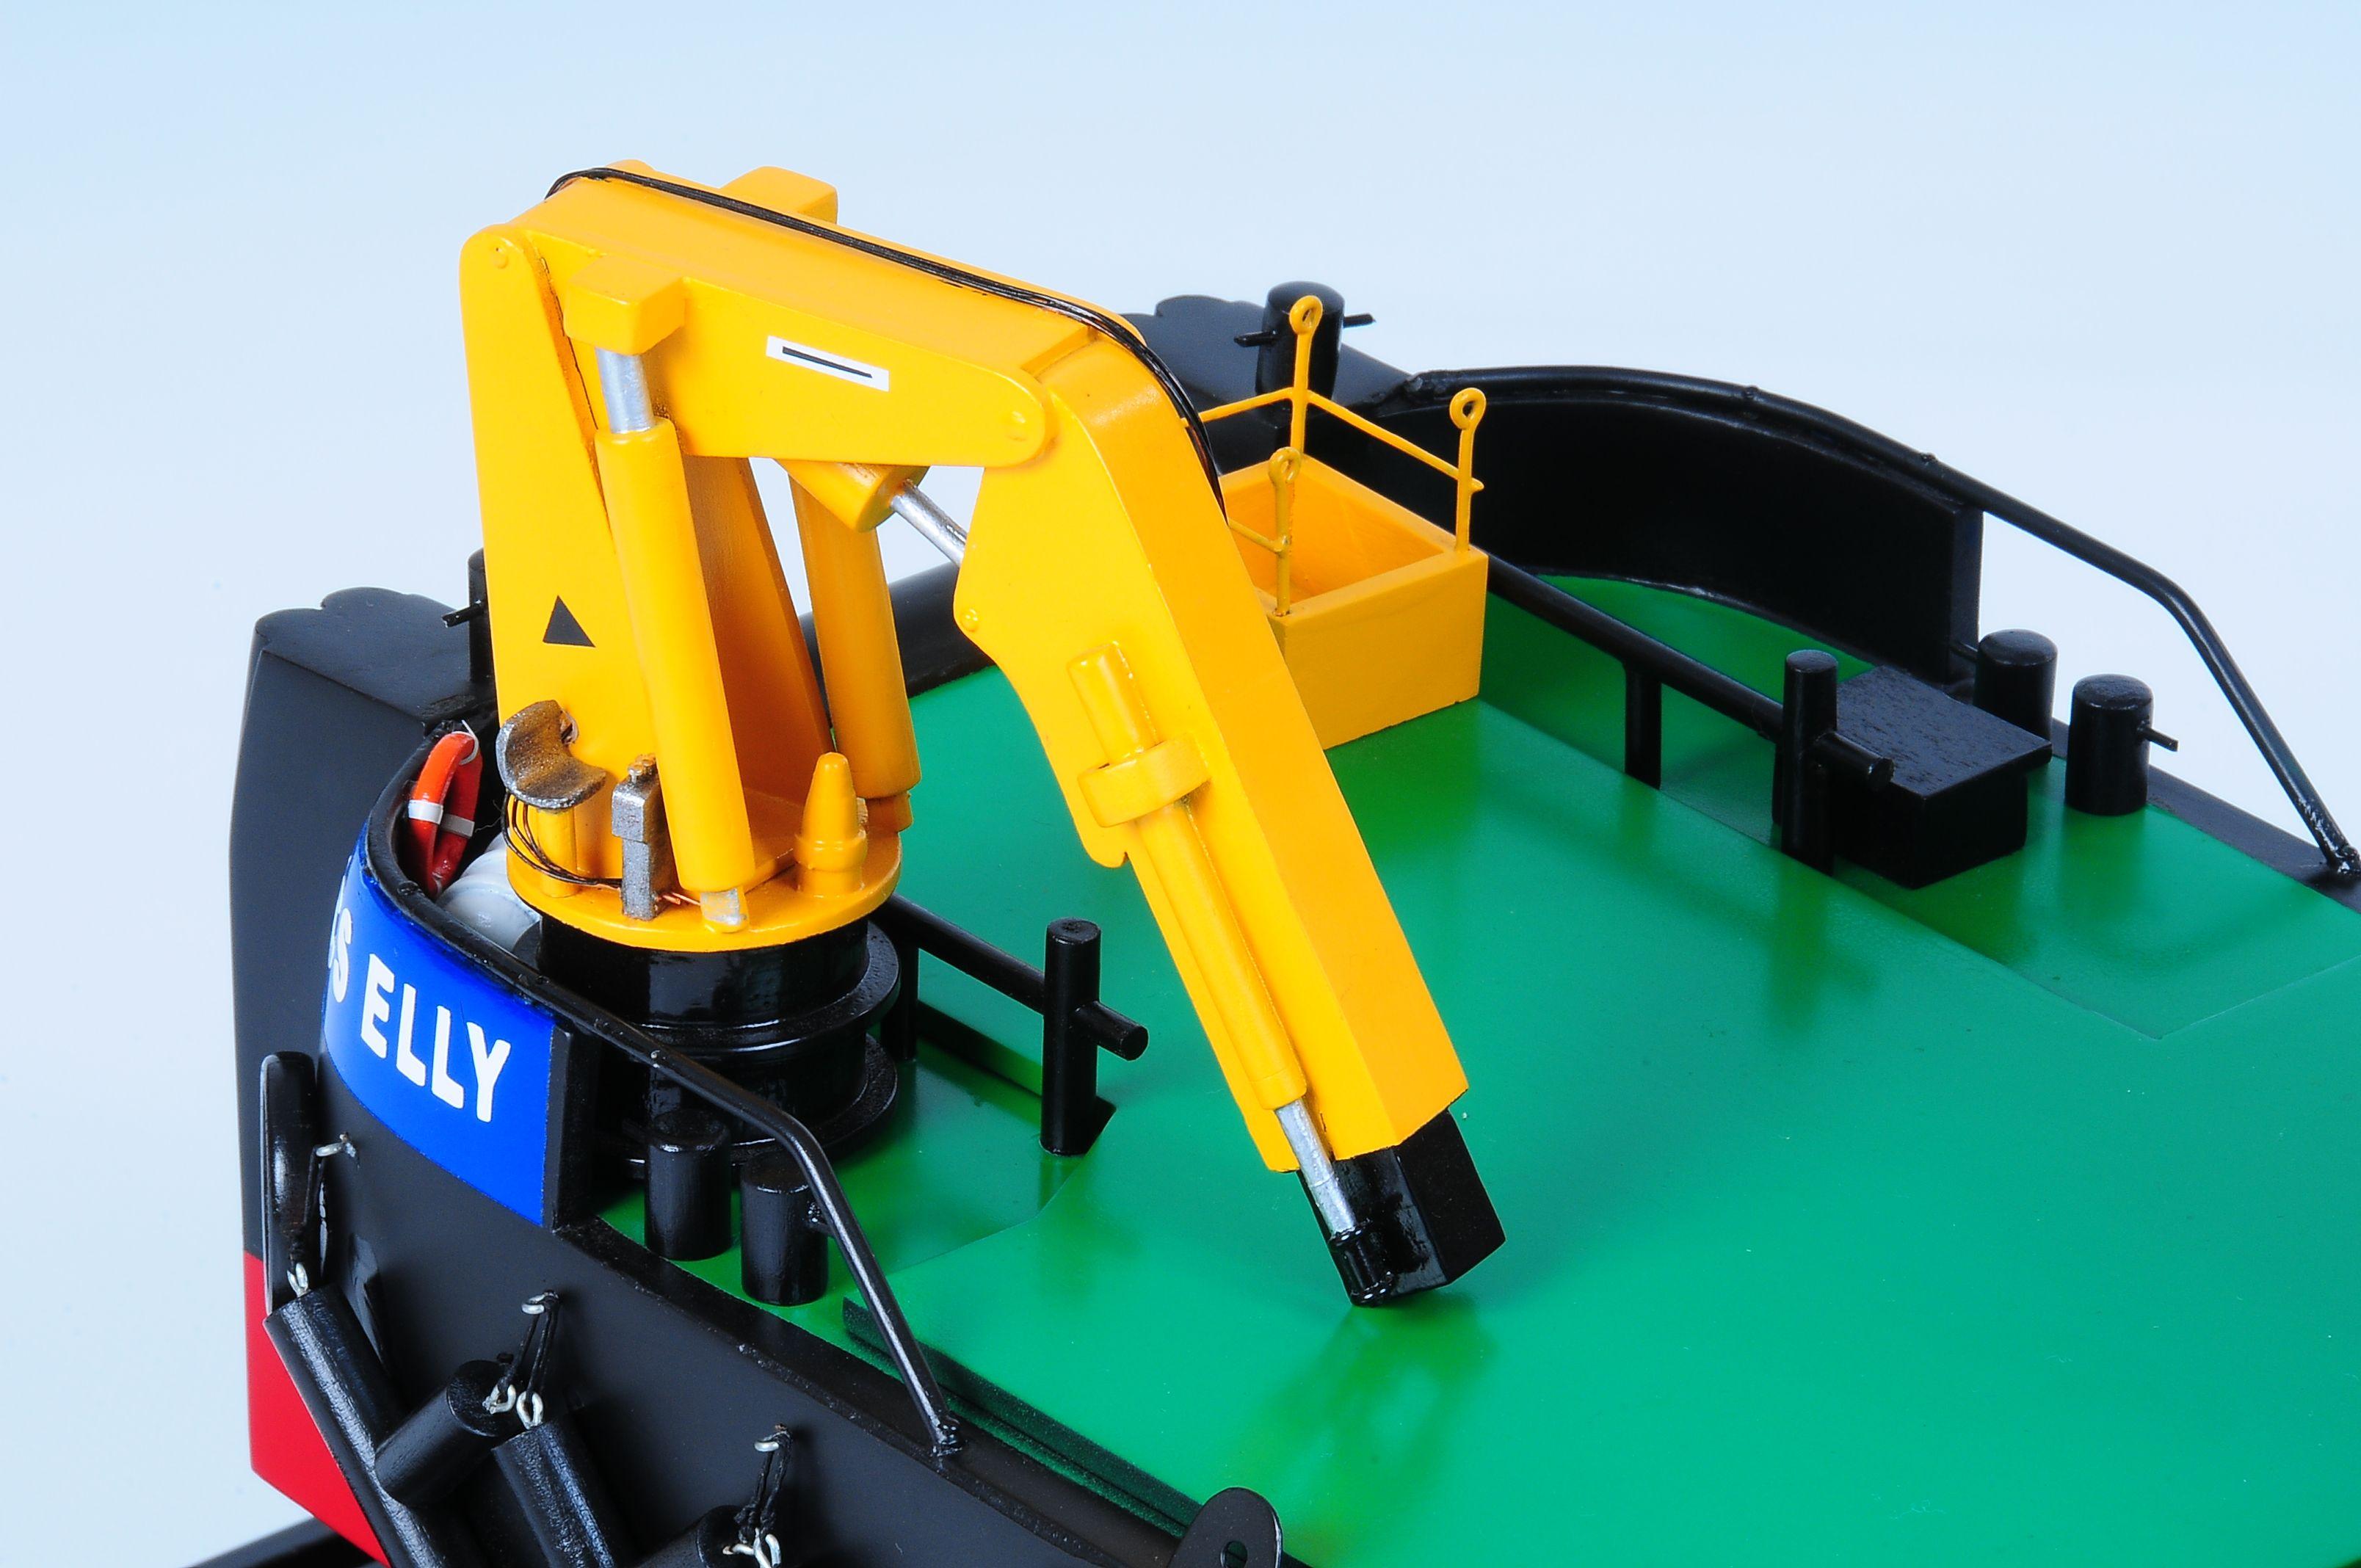 1087-6055-MCS-Elly